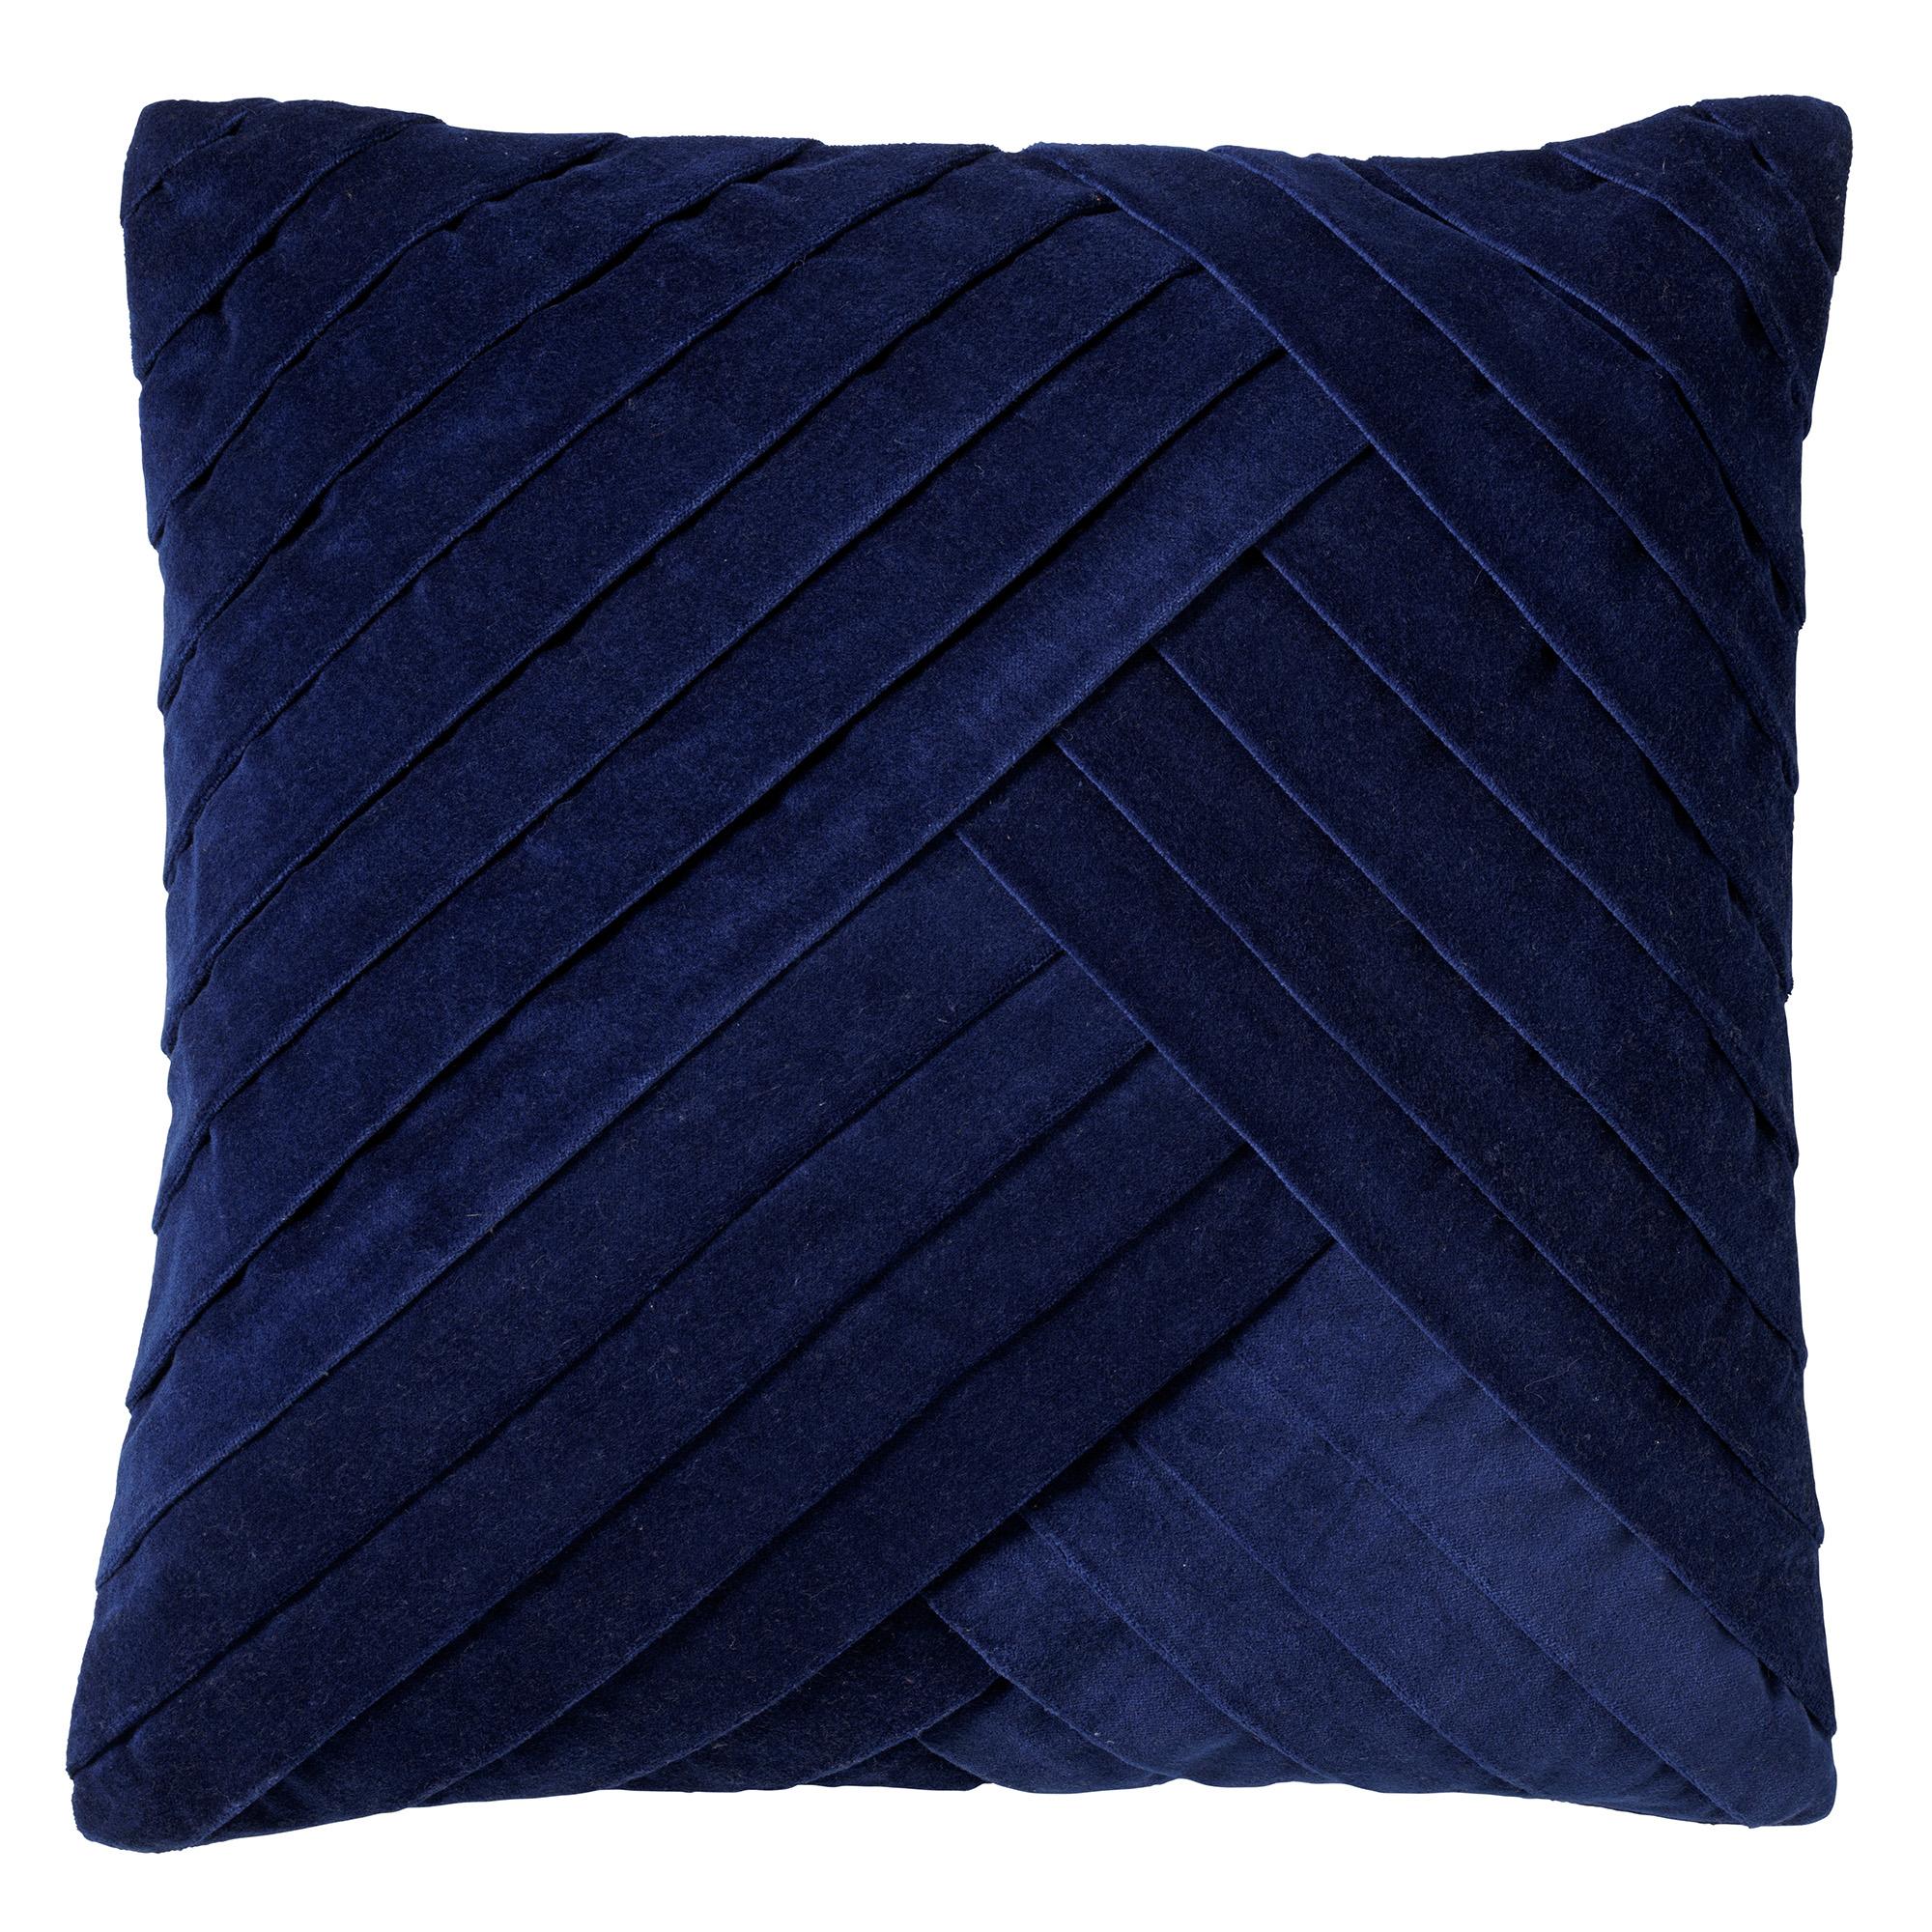 GIDI - Kussenhoes velvet 45x45 cm Insignia Blue